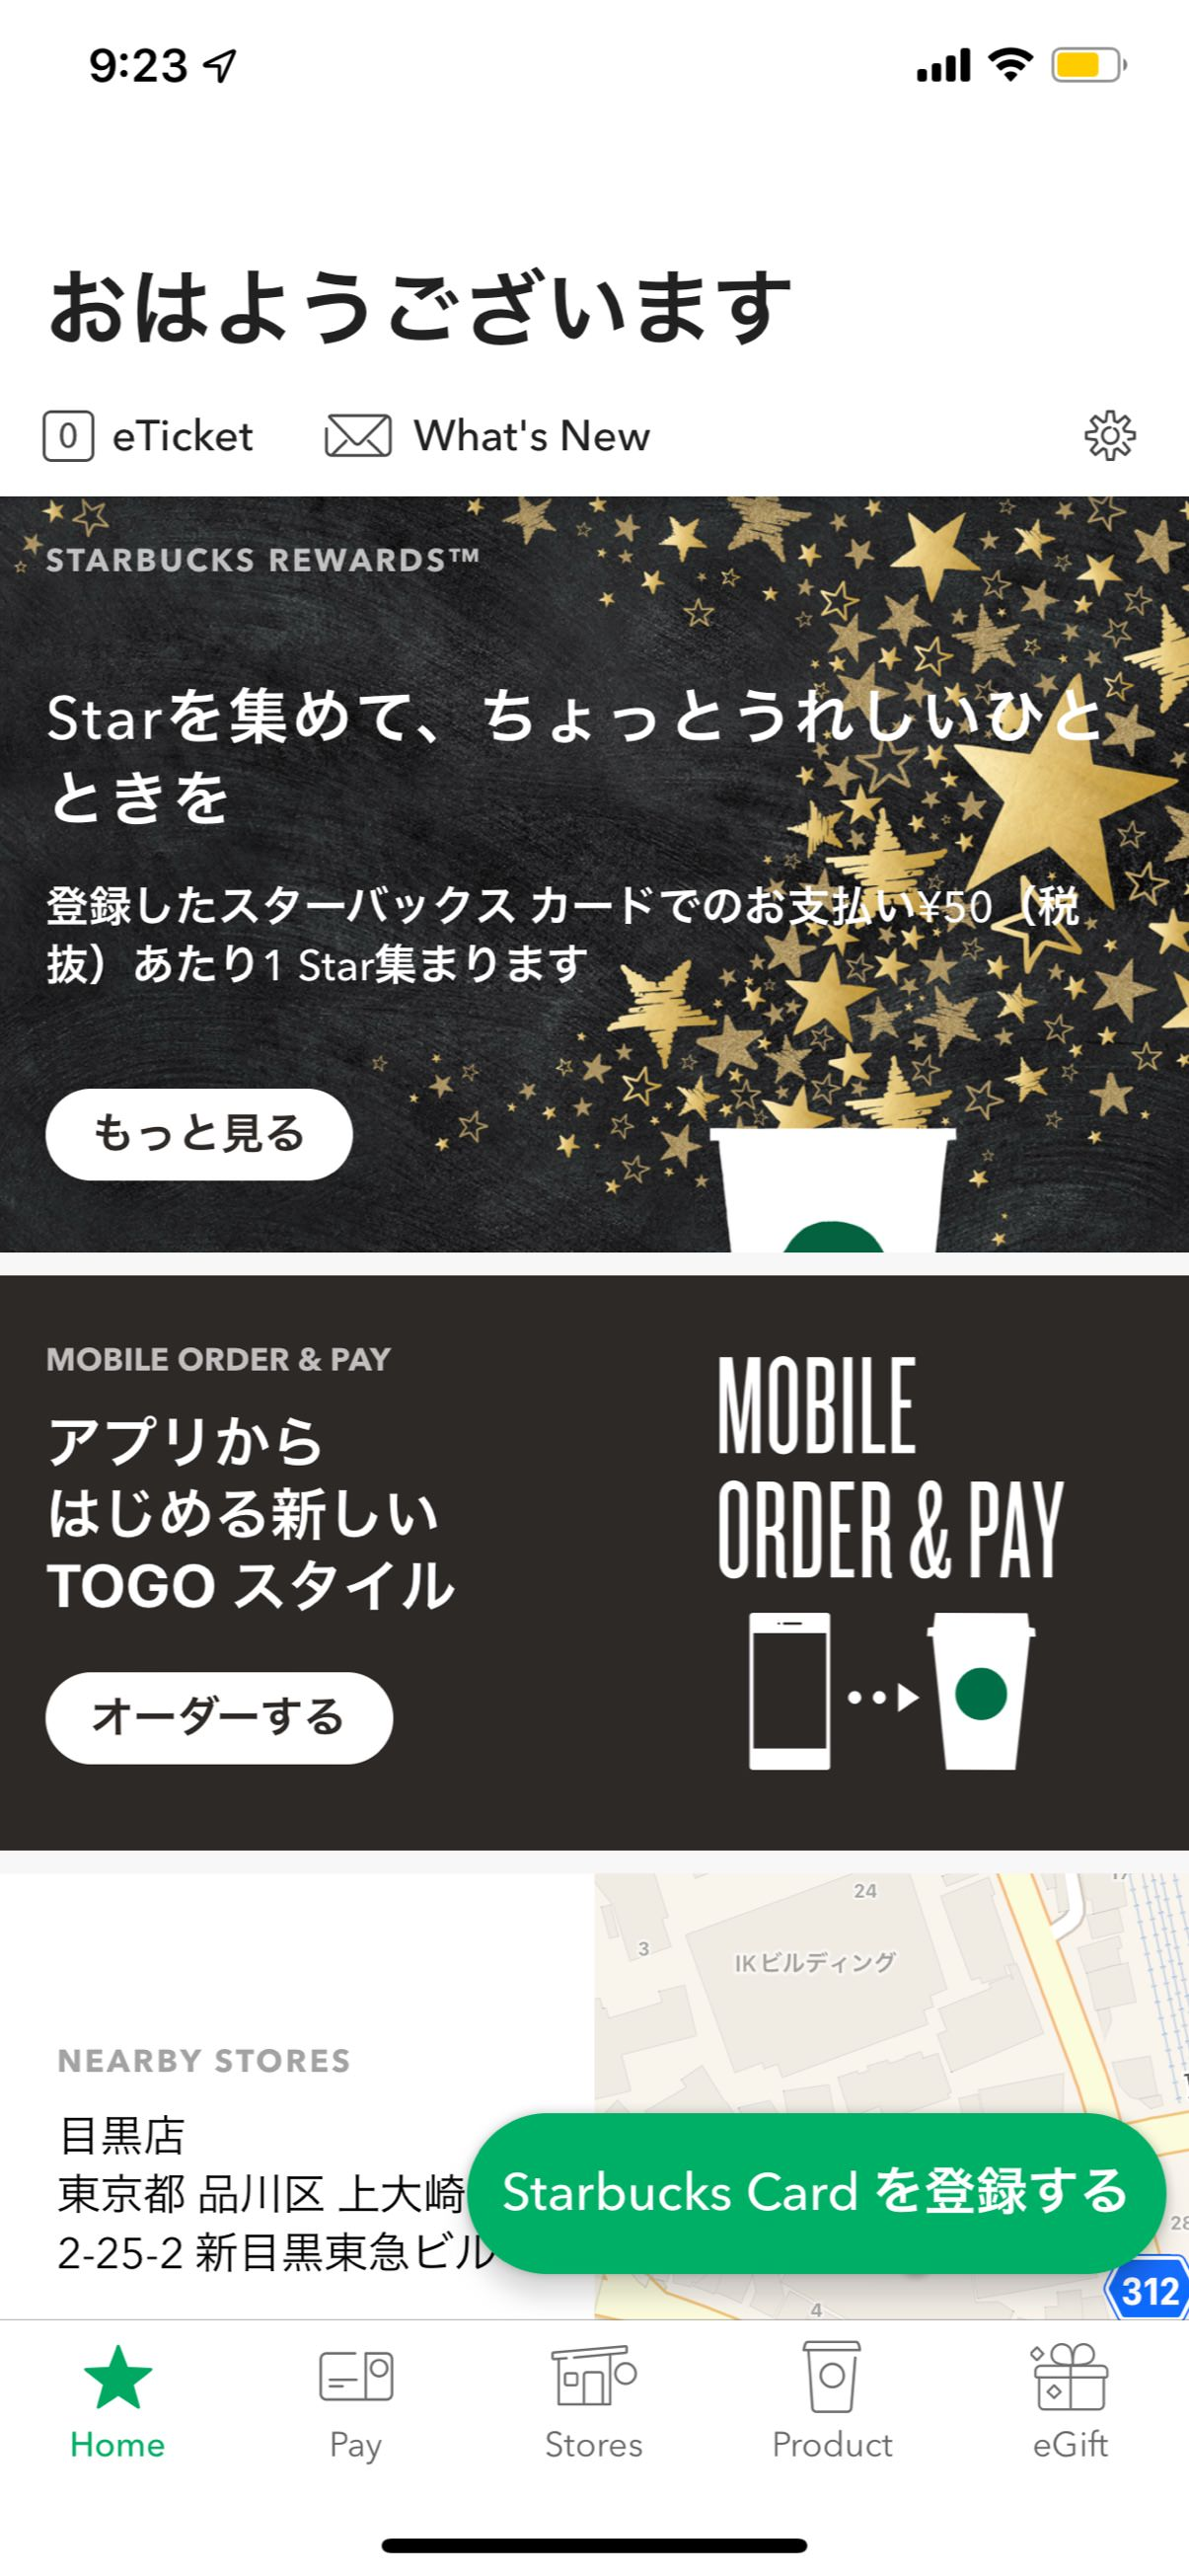 starbucks-mobile-order-pay-1